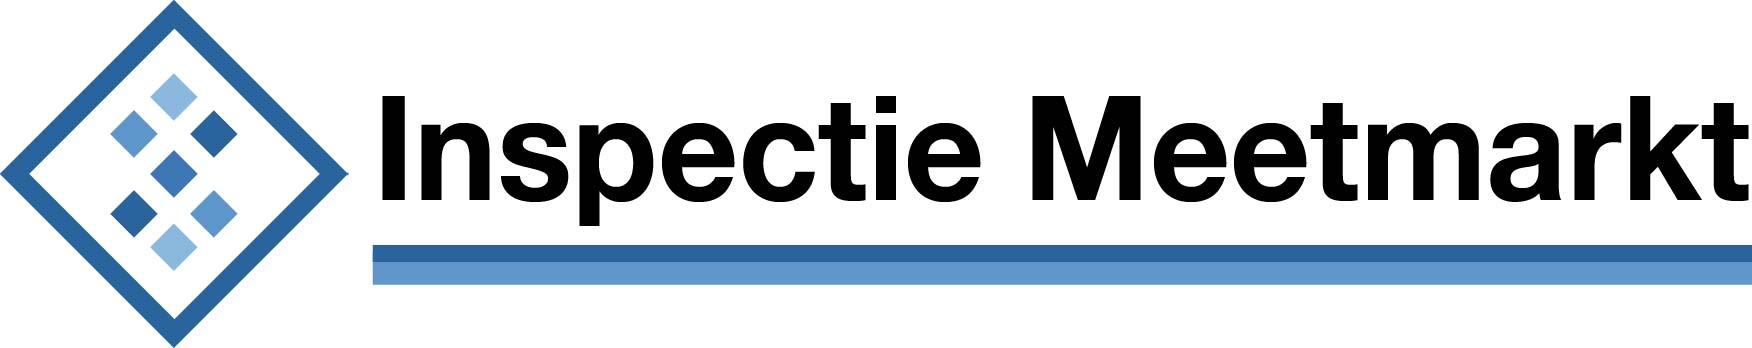 Inspectie-meetmarkt